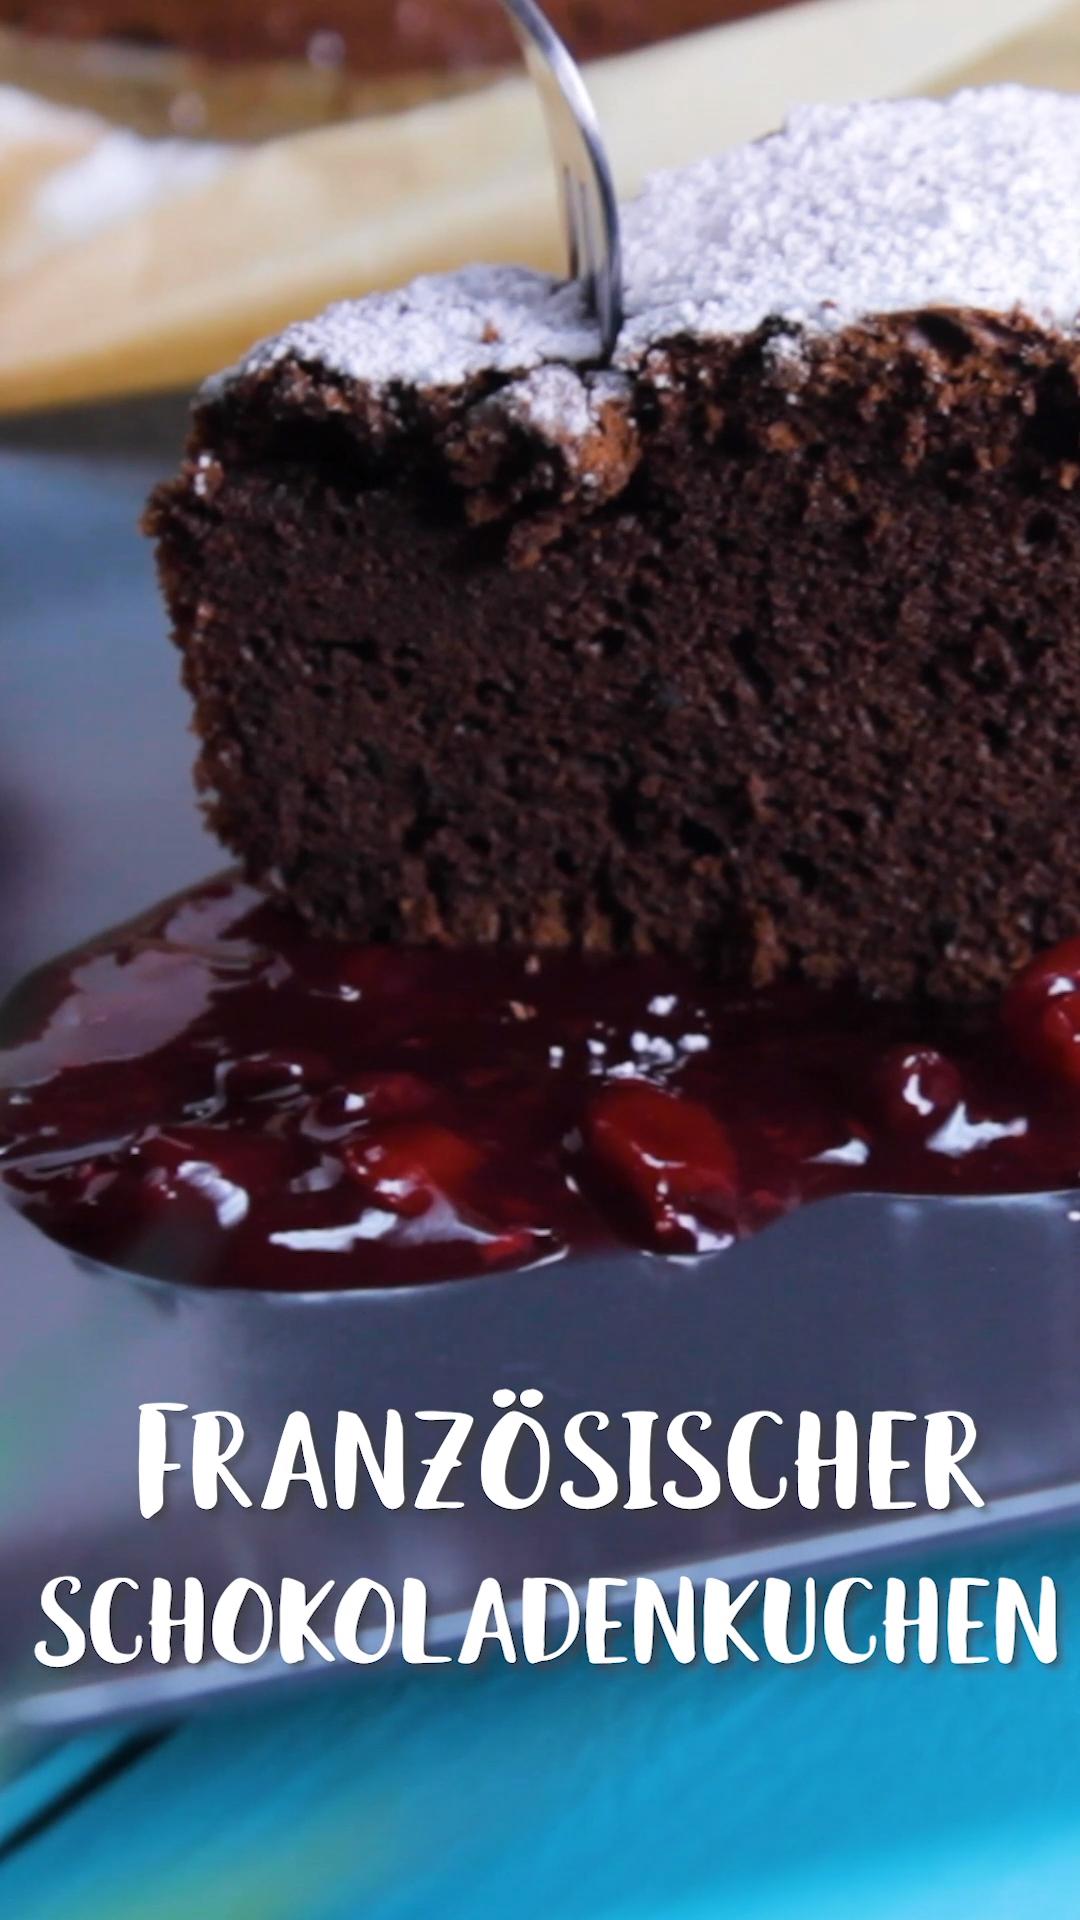 Wer hat Bock auf Schokolade? Diese französische Schokotarte wird dich garantiert umhauen. Ein Schokoladenkuchen so zart, dass er auf der Zunge zergeht. Das ist der beste Schokokuchen der Welt – versprochen! #schokoladenkuchen #französisch #backen #schokolade #lecker #daskochrezept